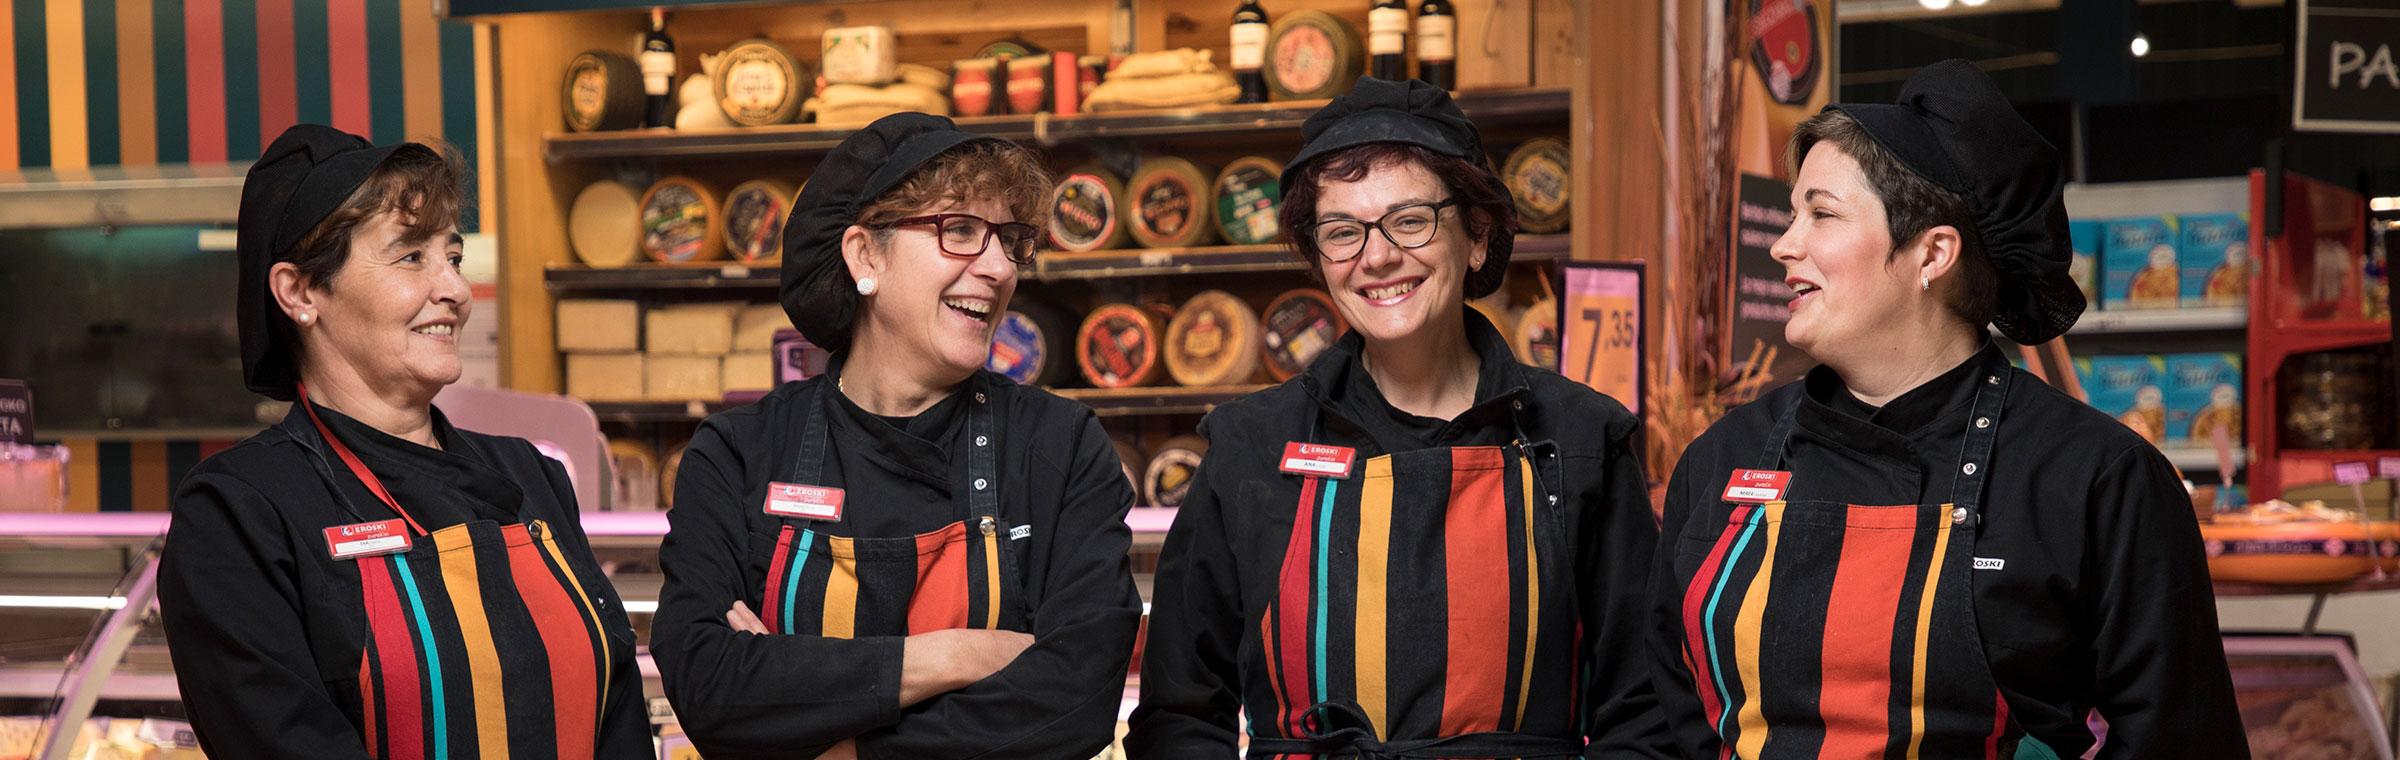 Trabajadoras Eroski sonriendo